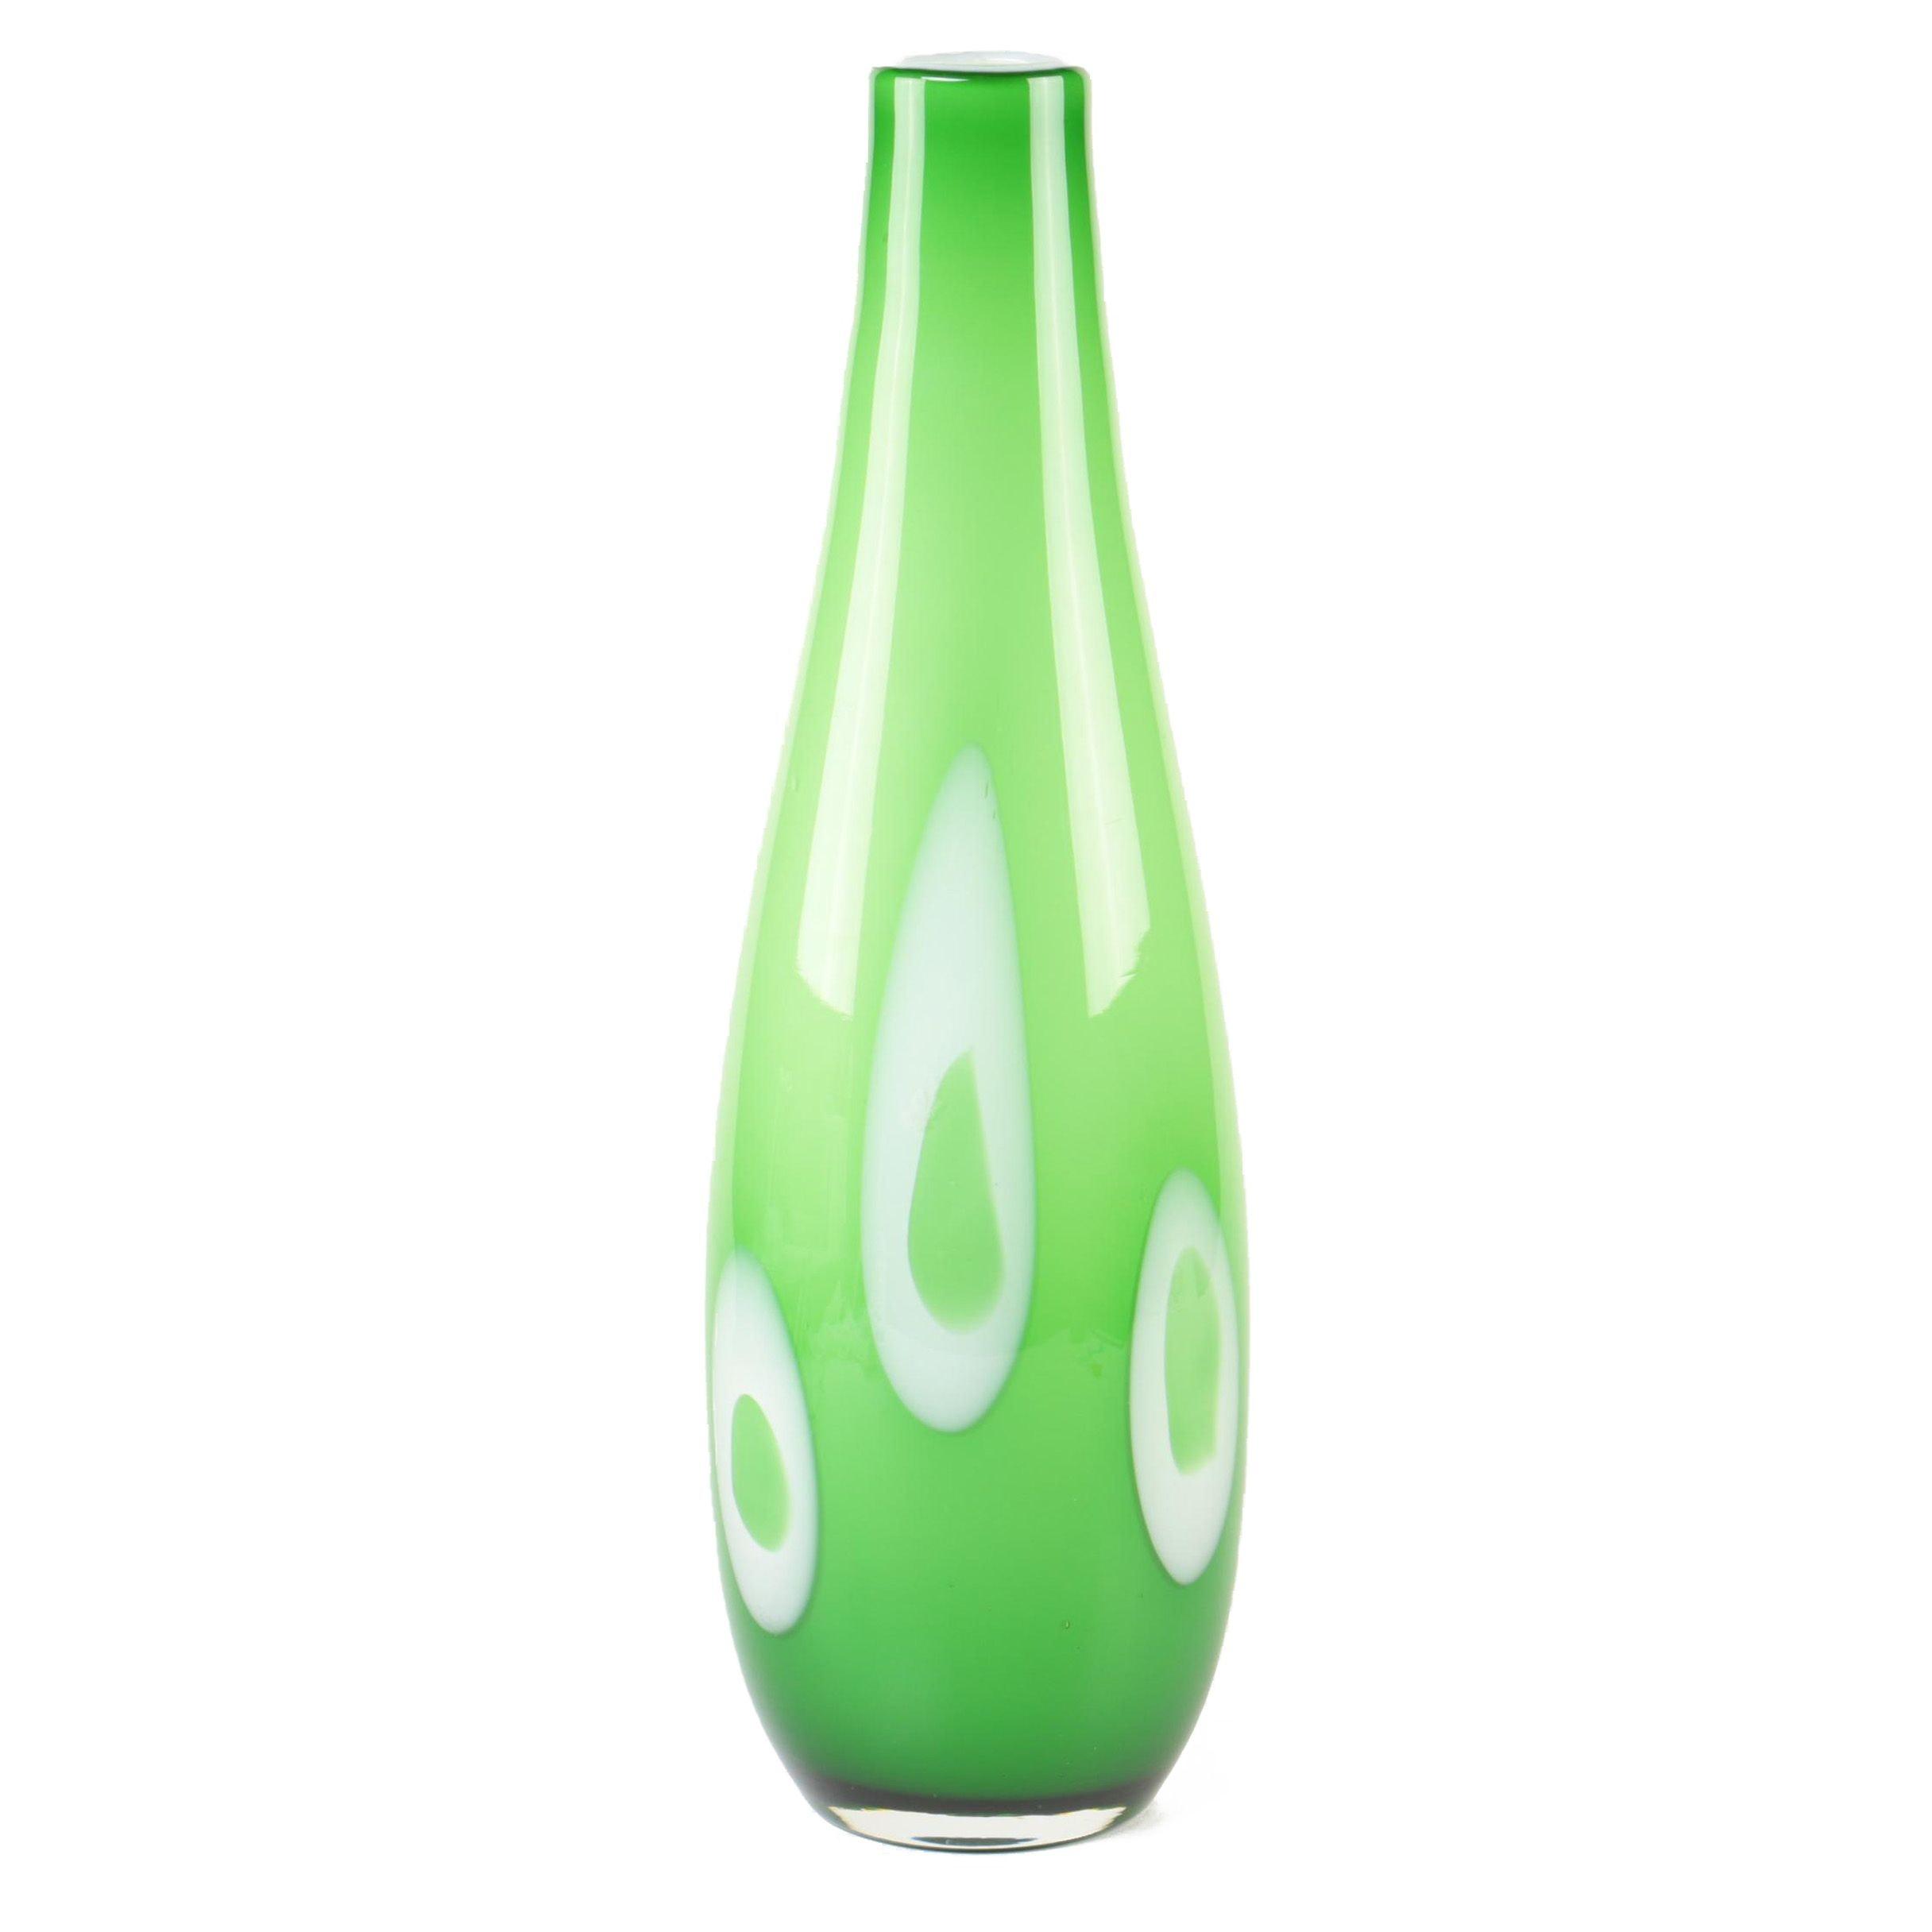 Green Art Glass Bud Vase